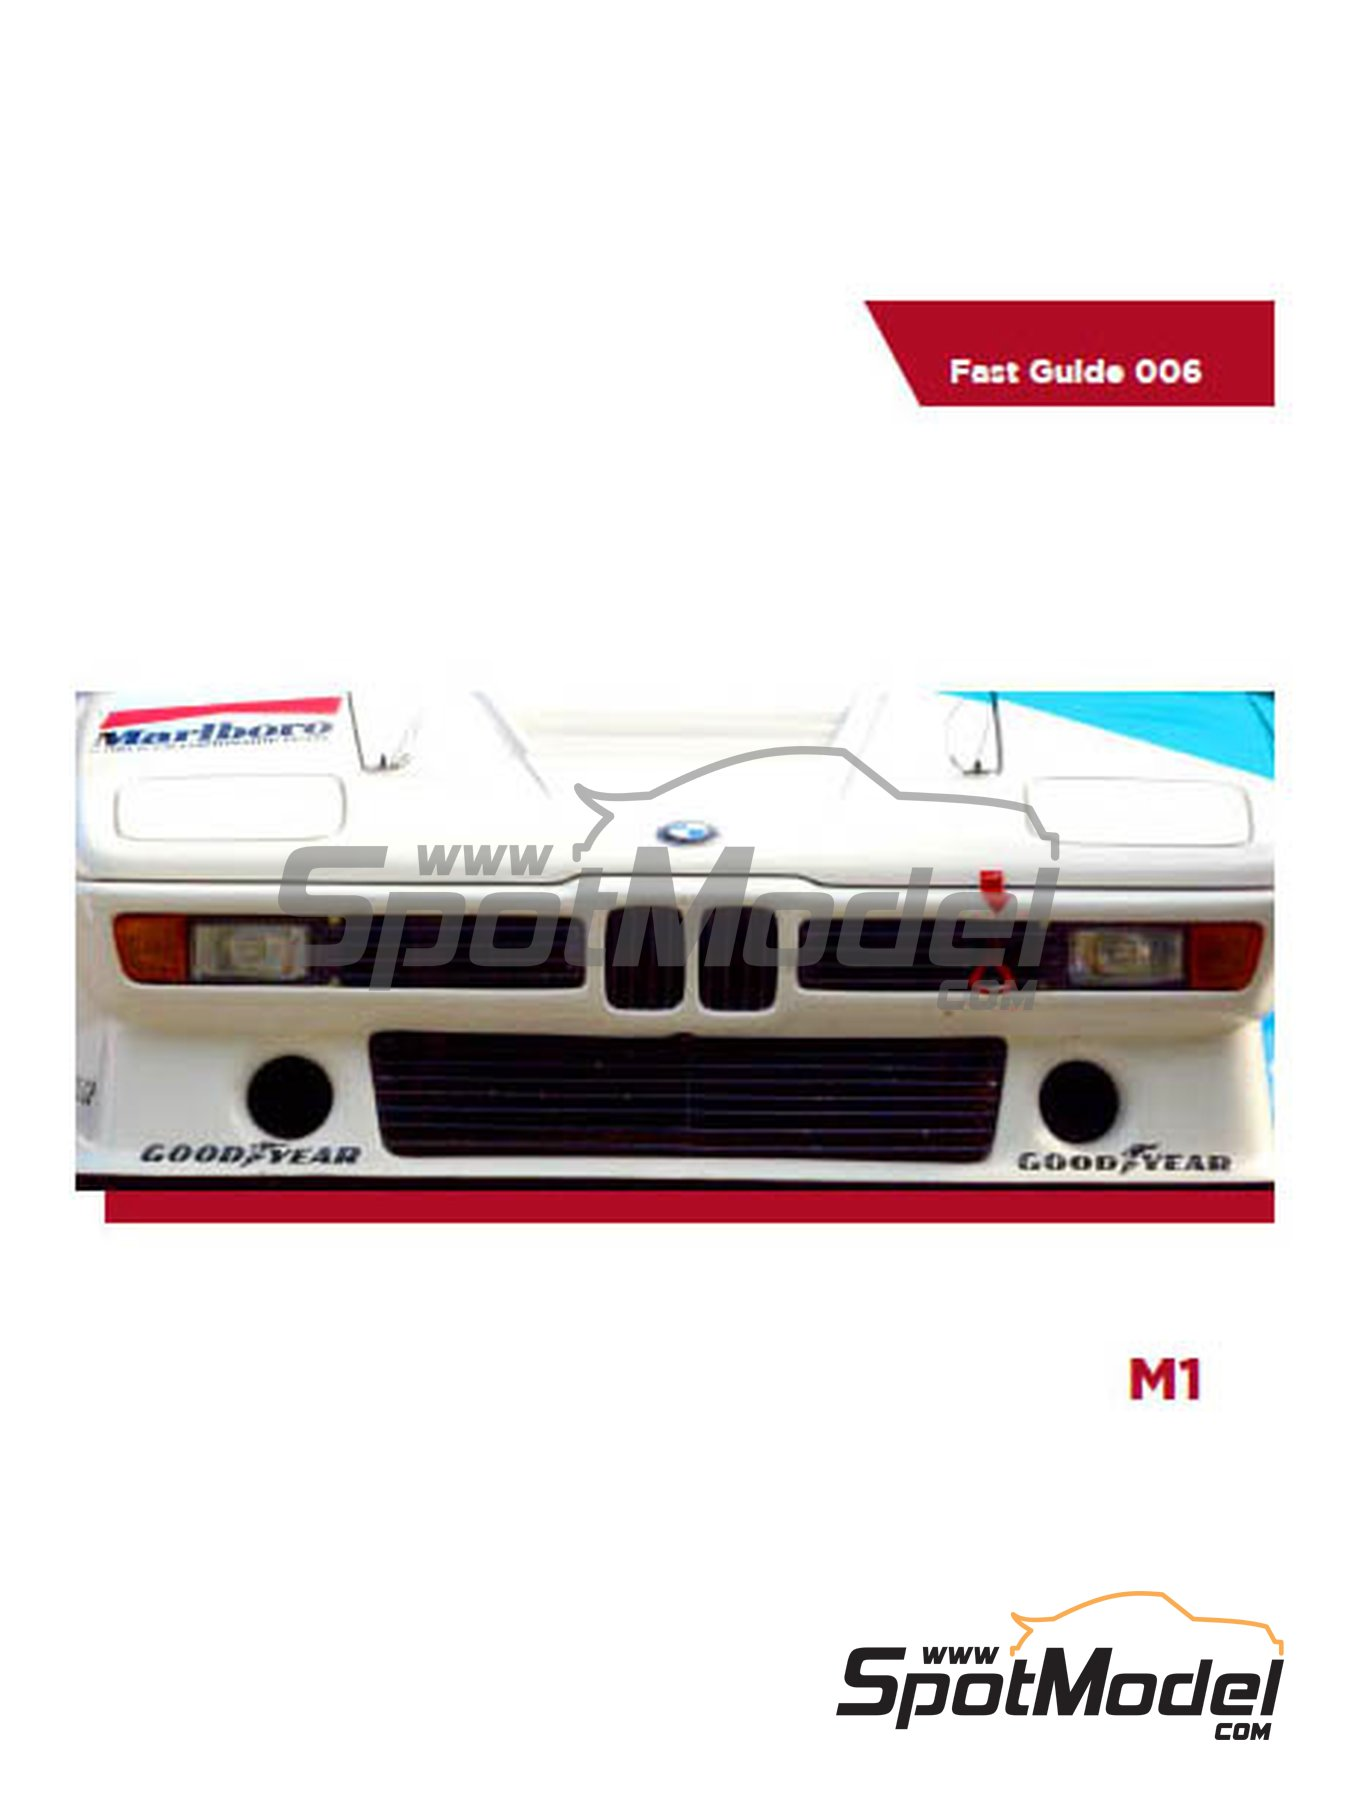 BMW M1 | Libro de referencia fabricado por Komakai (ref.KOM-FG006) image